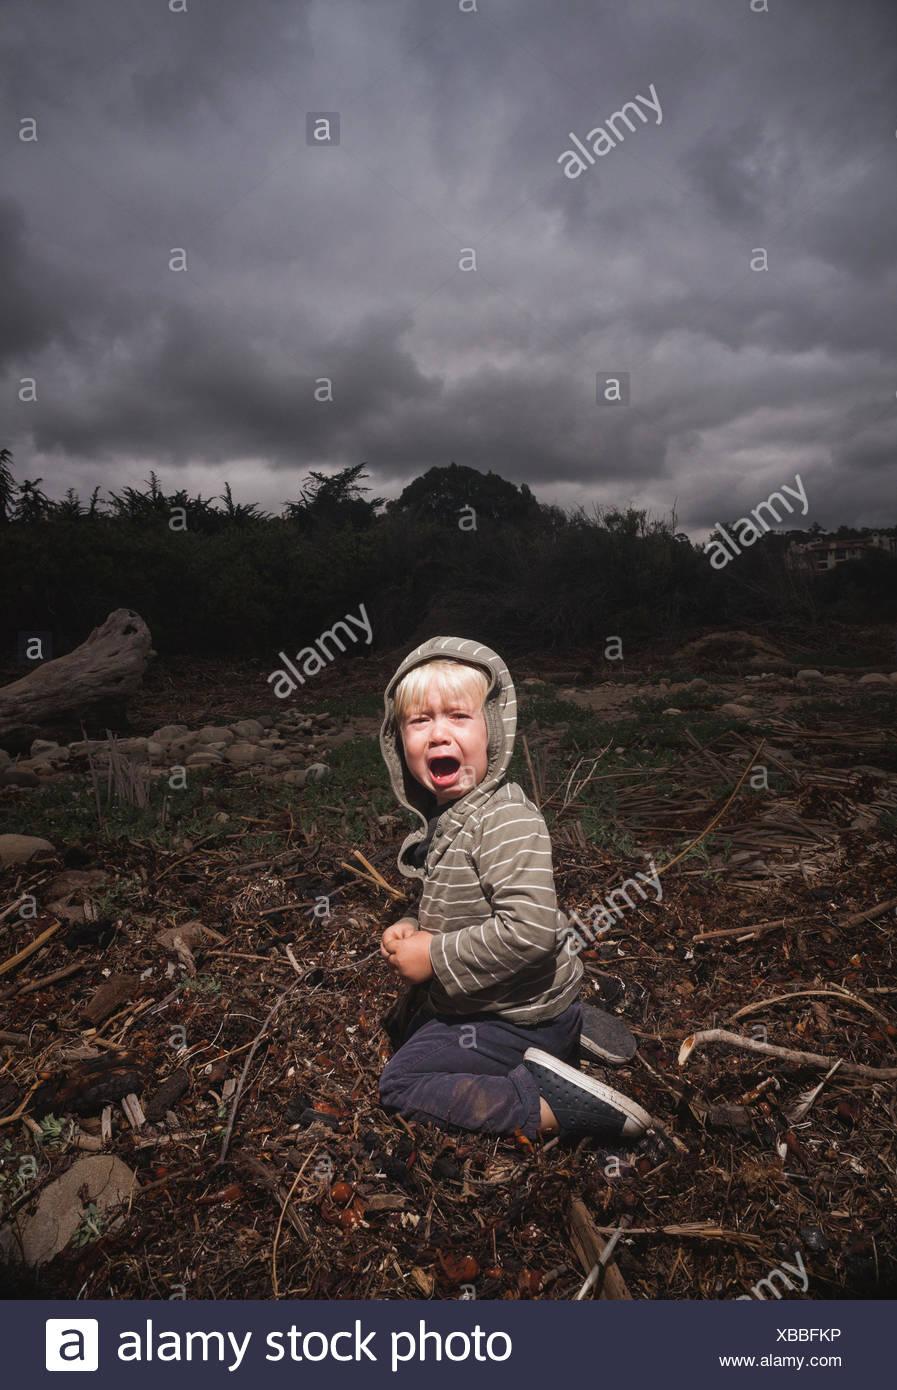 Joven de rodillas en el suelo llorando contra el cielo tormentoso Imagen De Stock